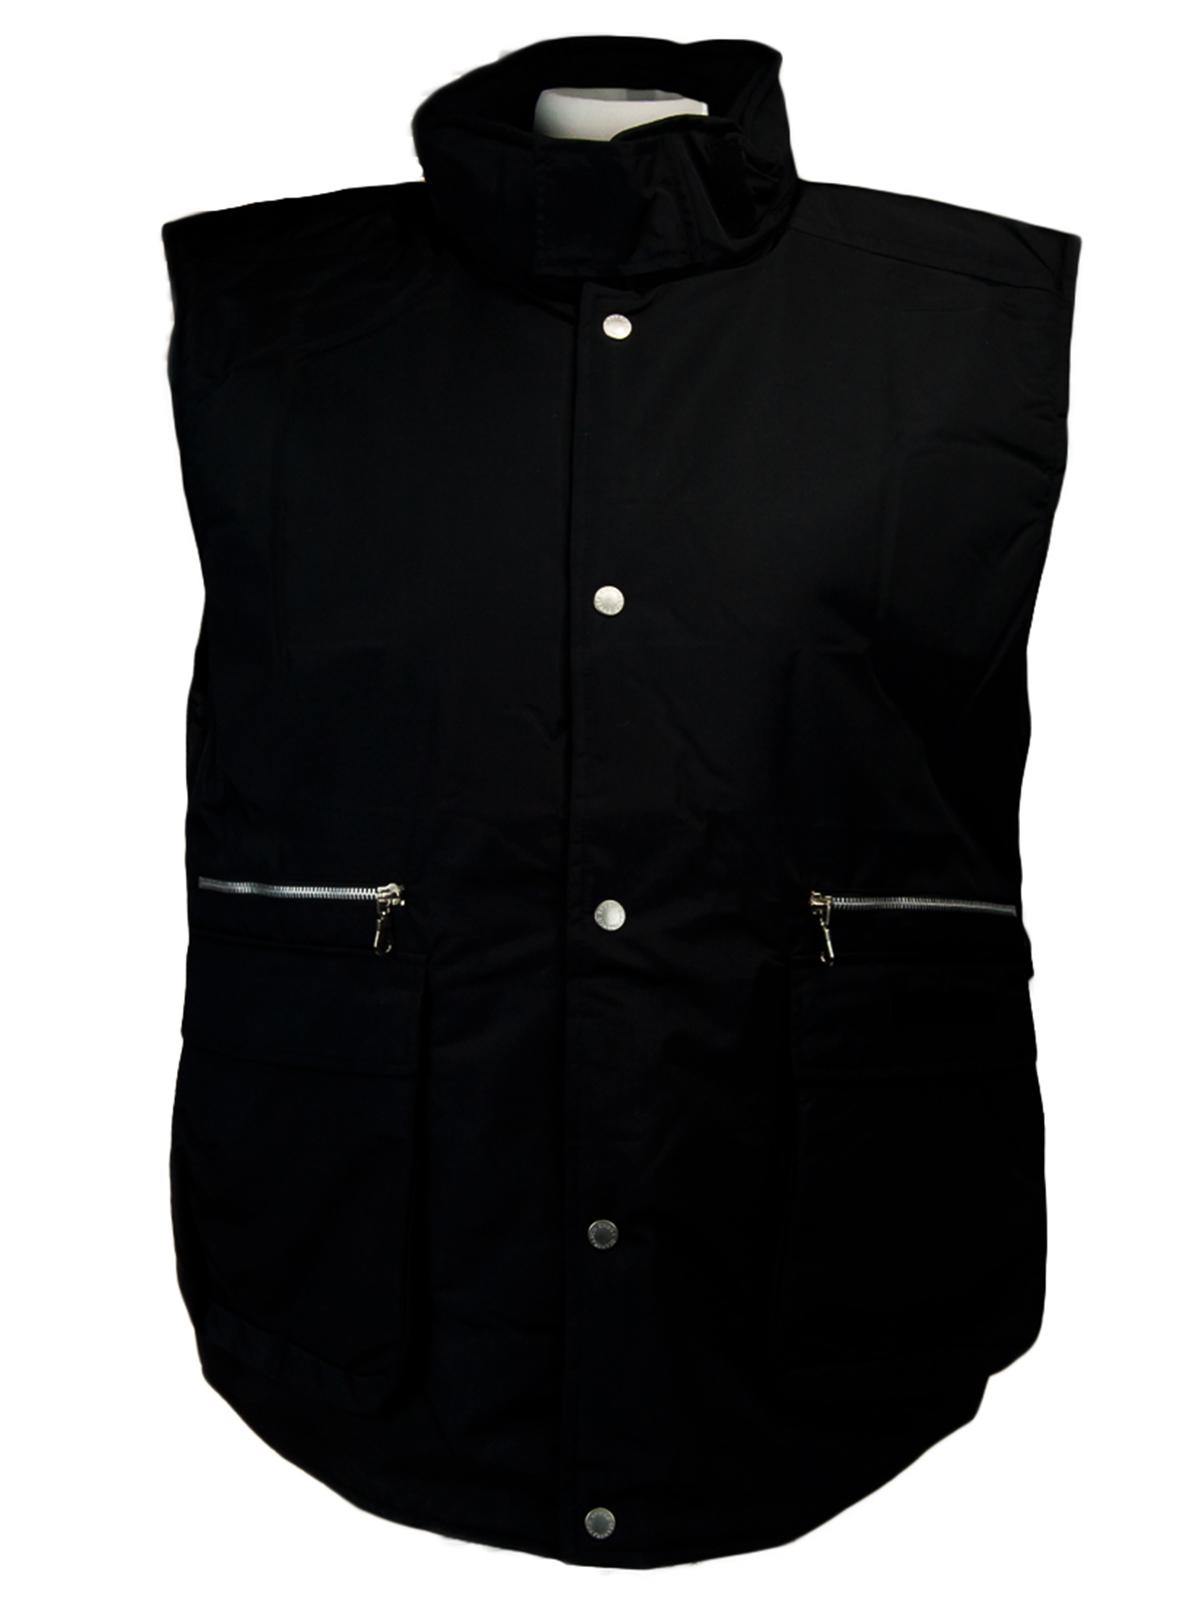 GianFranco-Ferre-X-large-Nero-Black-Sleeveless-Jacket